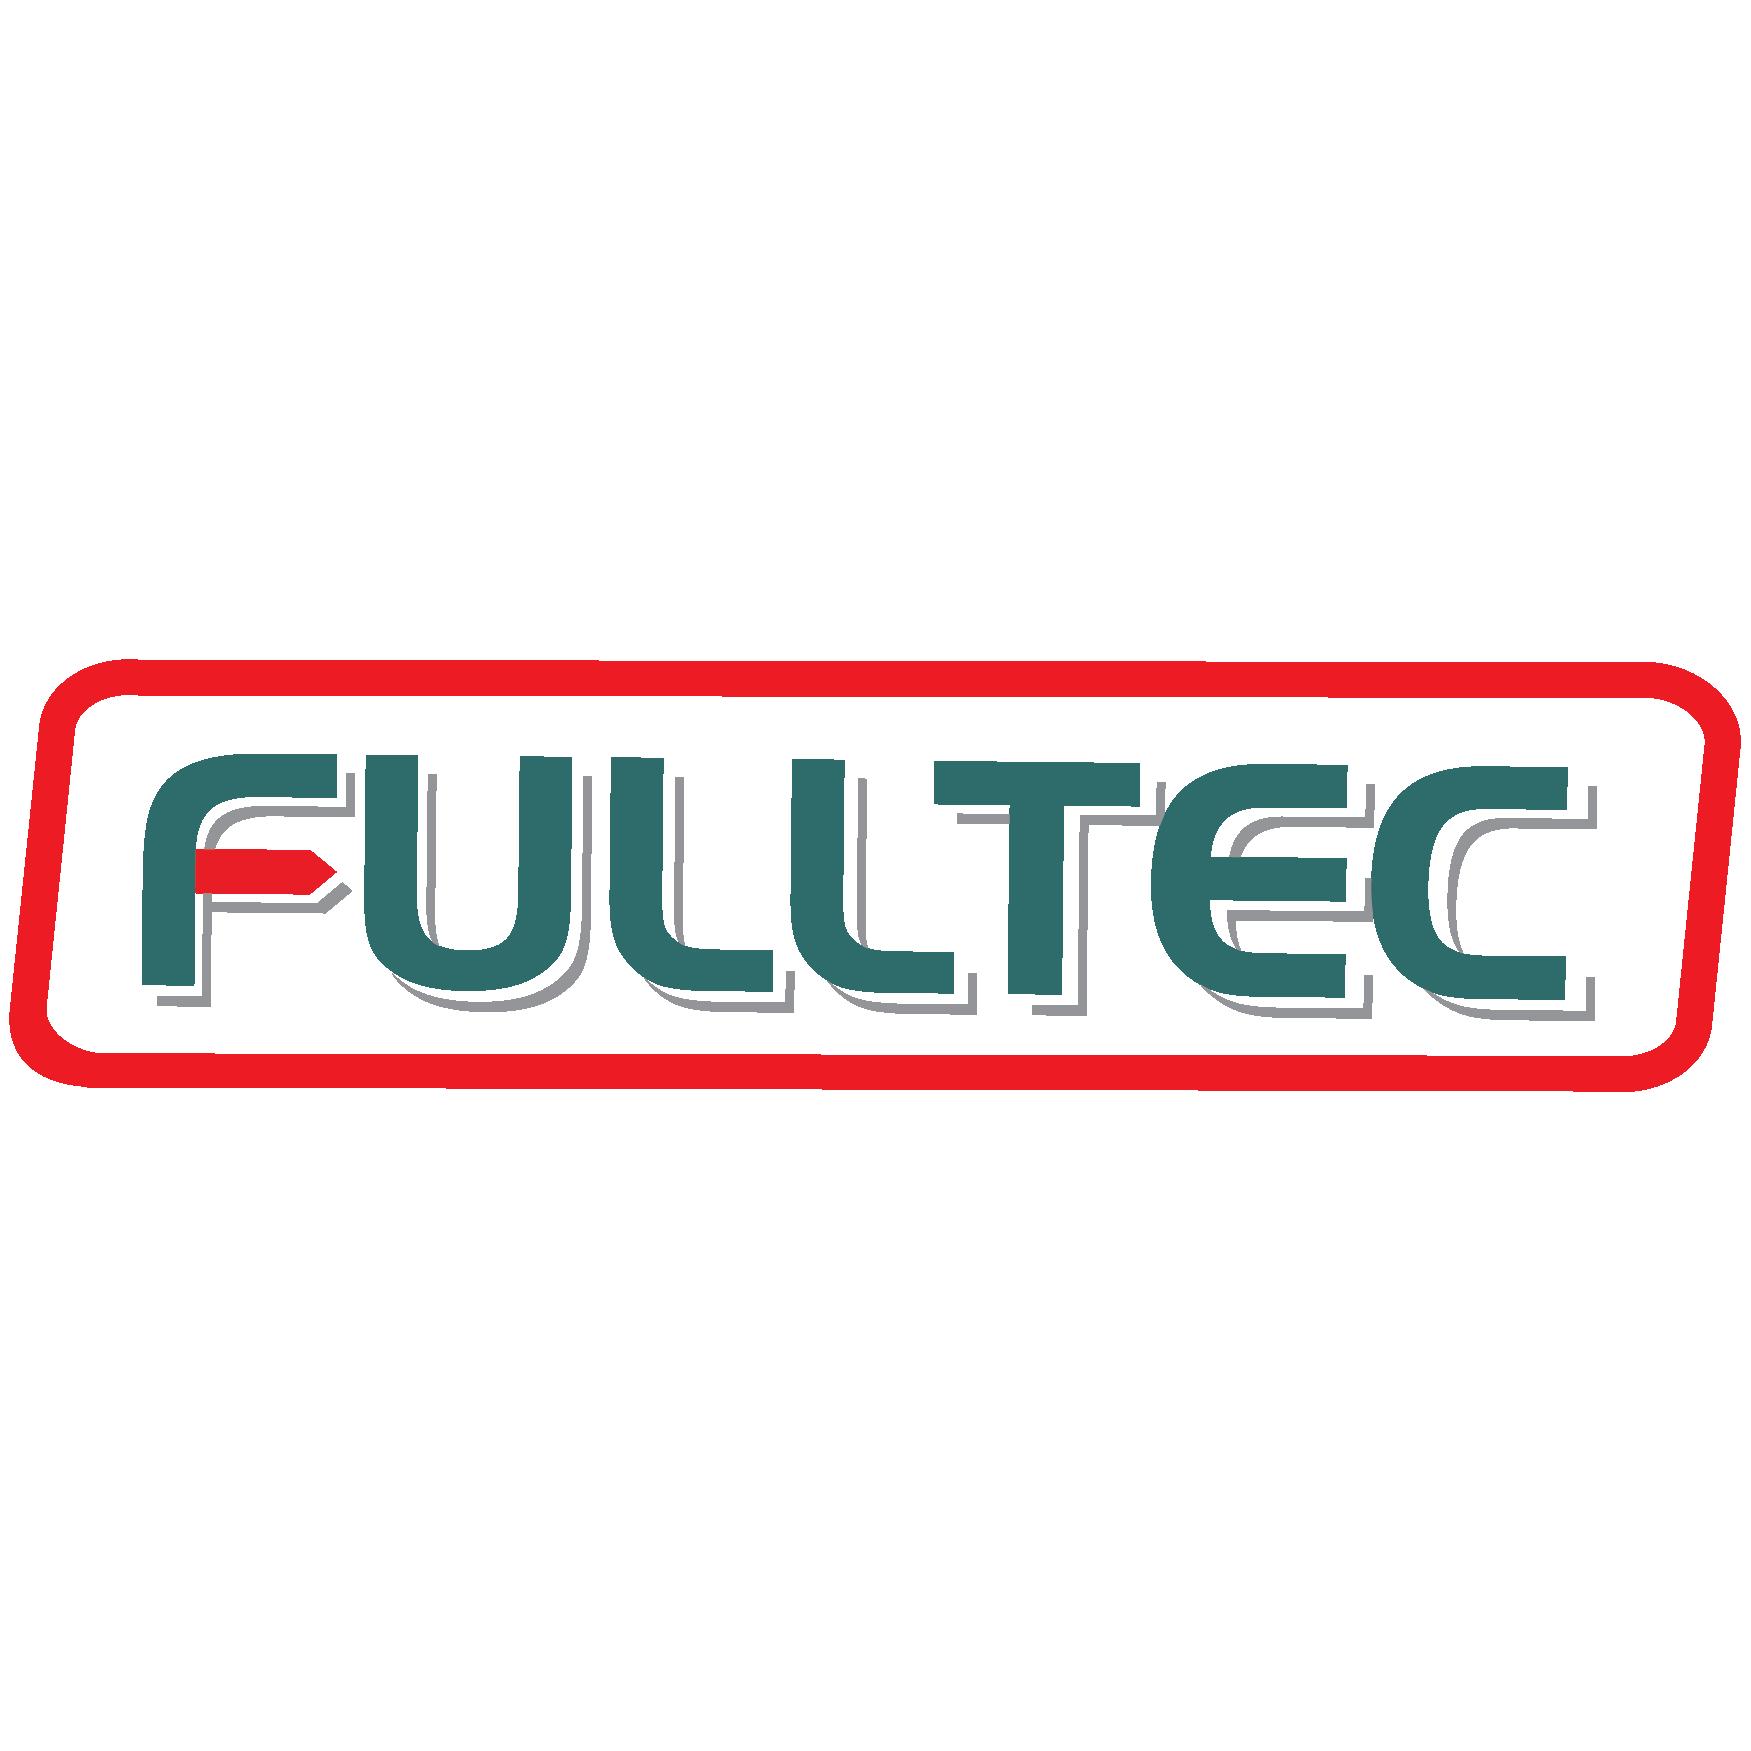 Nome do produto: Fulltec Adjuvant